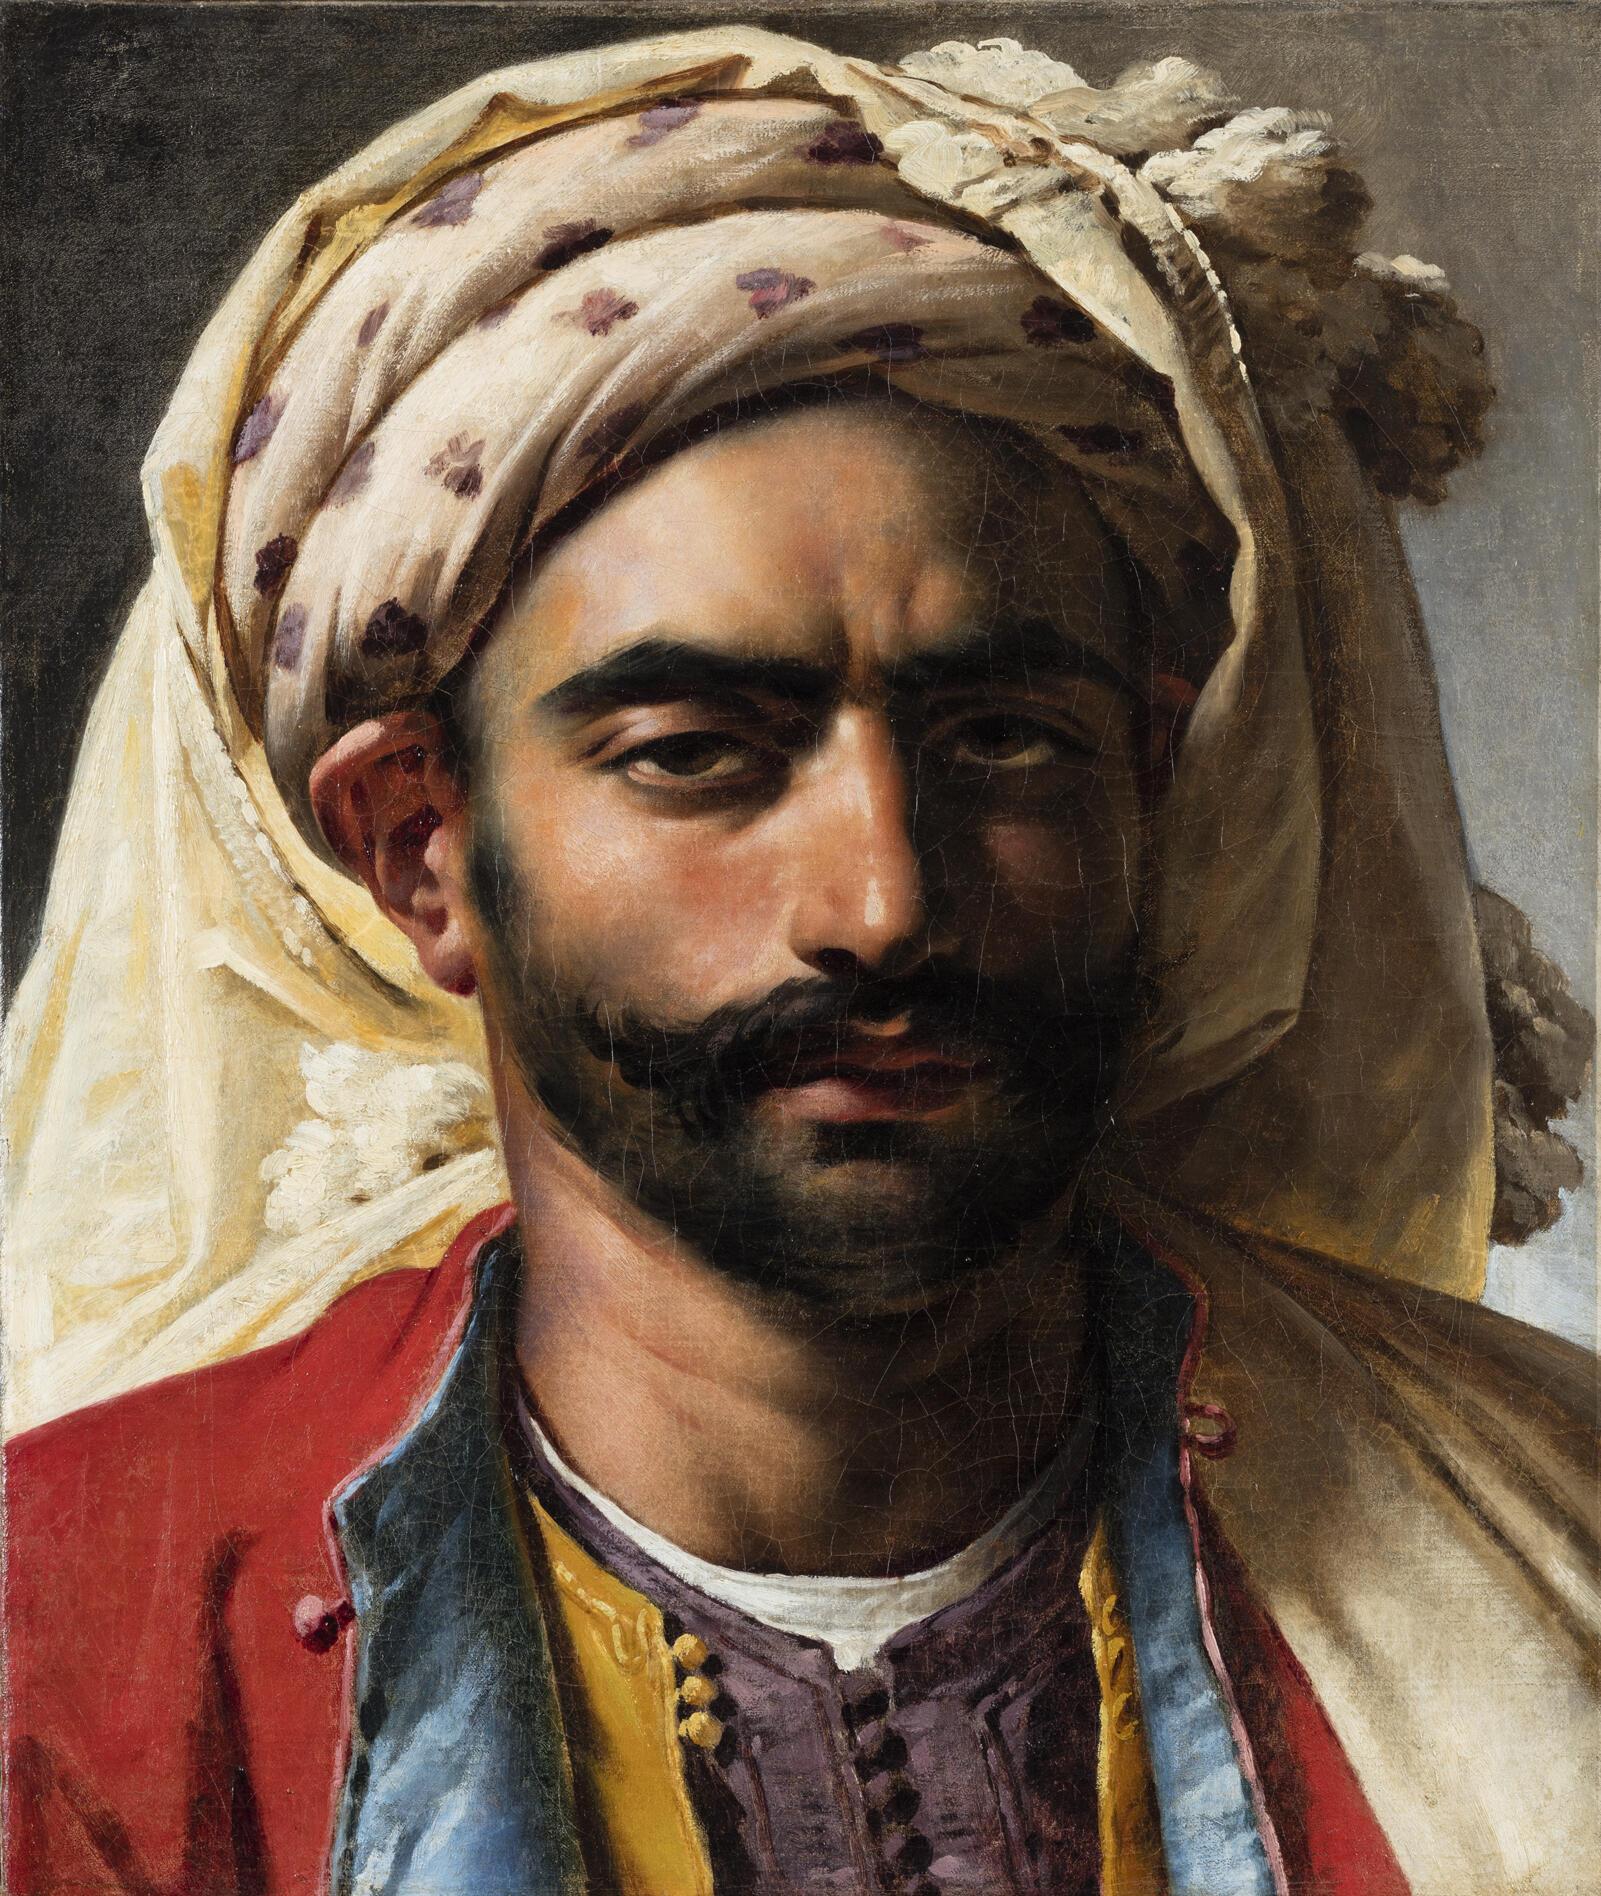 Retrato de Mustapha, pintado por Girodet en 1819.